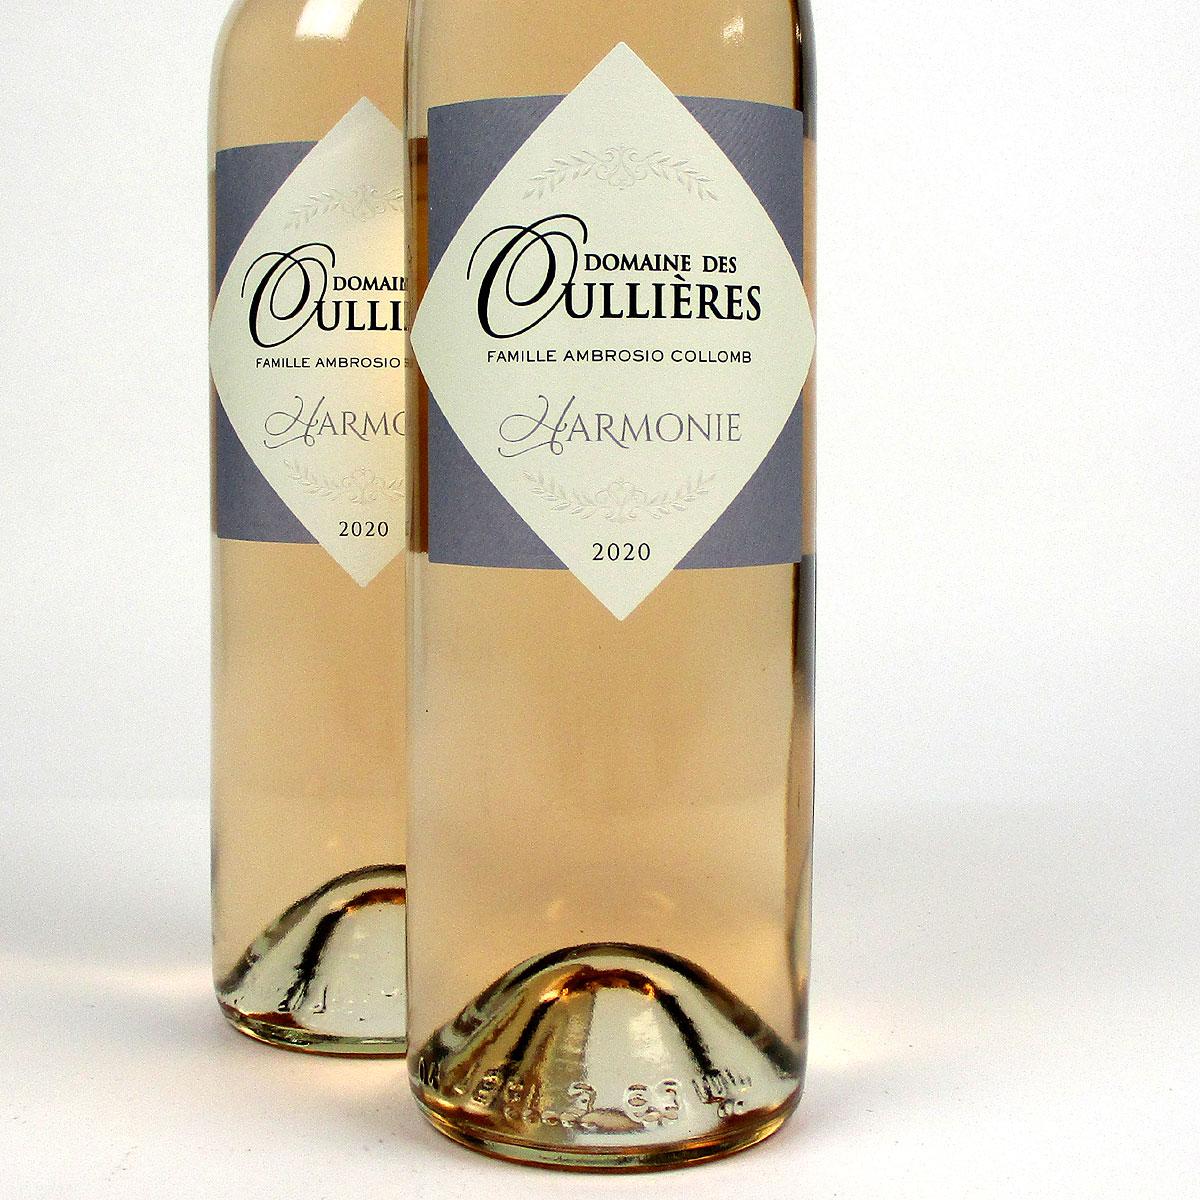 Coteaux d'Aix-en-Provence: Domaine des Oullières Rosé 2020